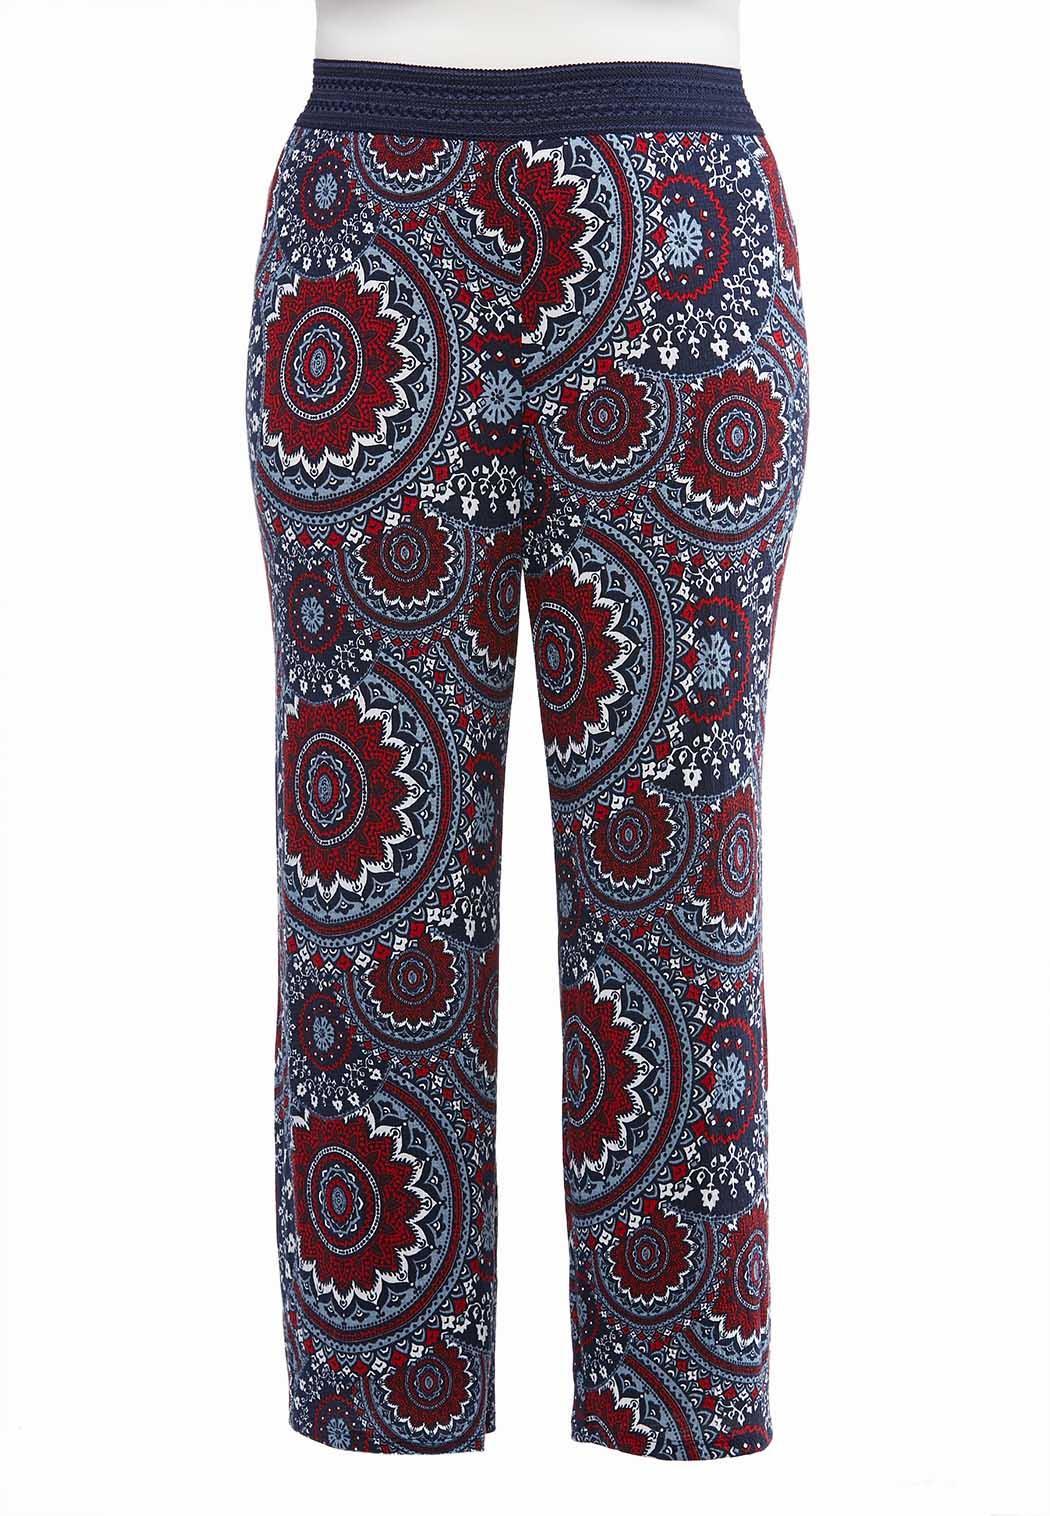 Plus Size Paisley Knit Palazzo Pants